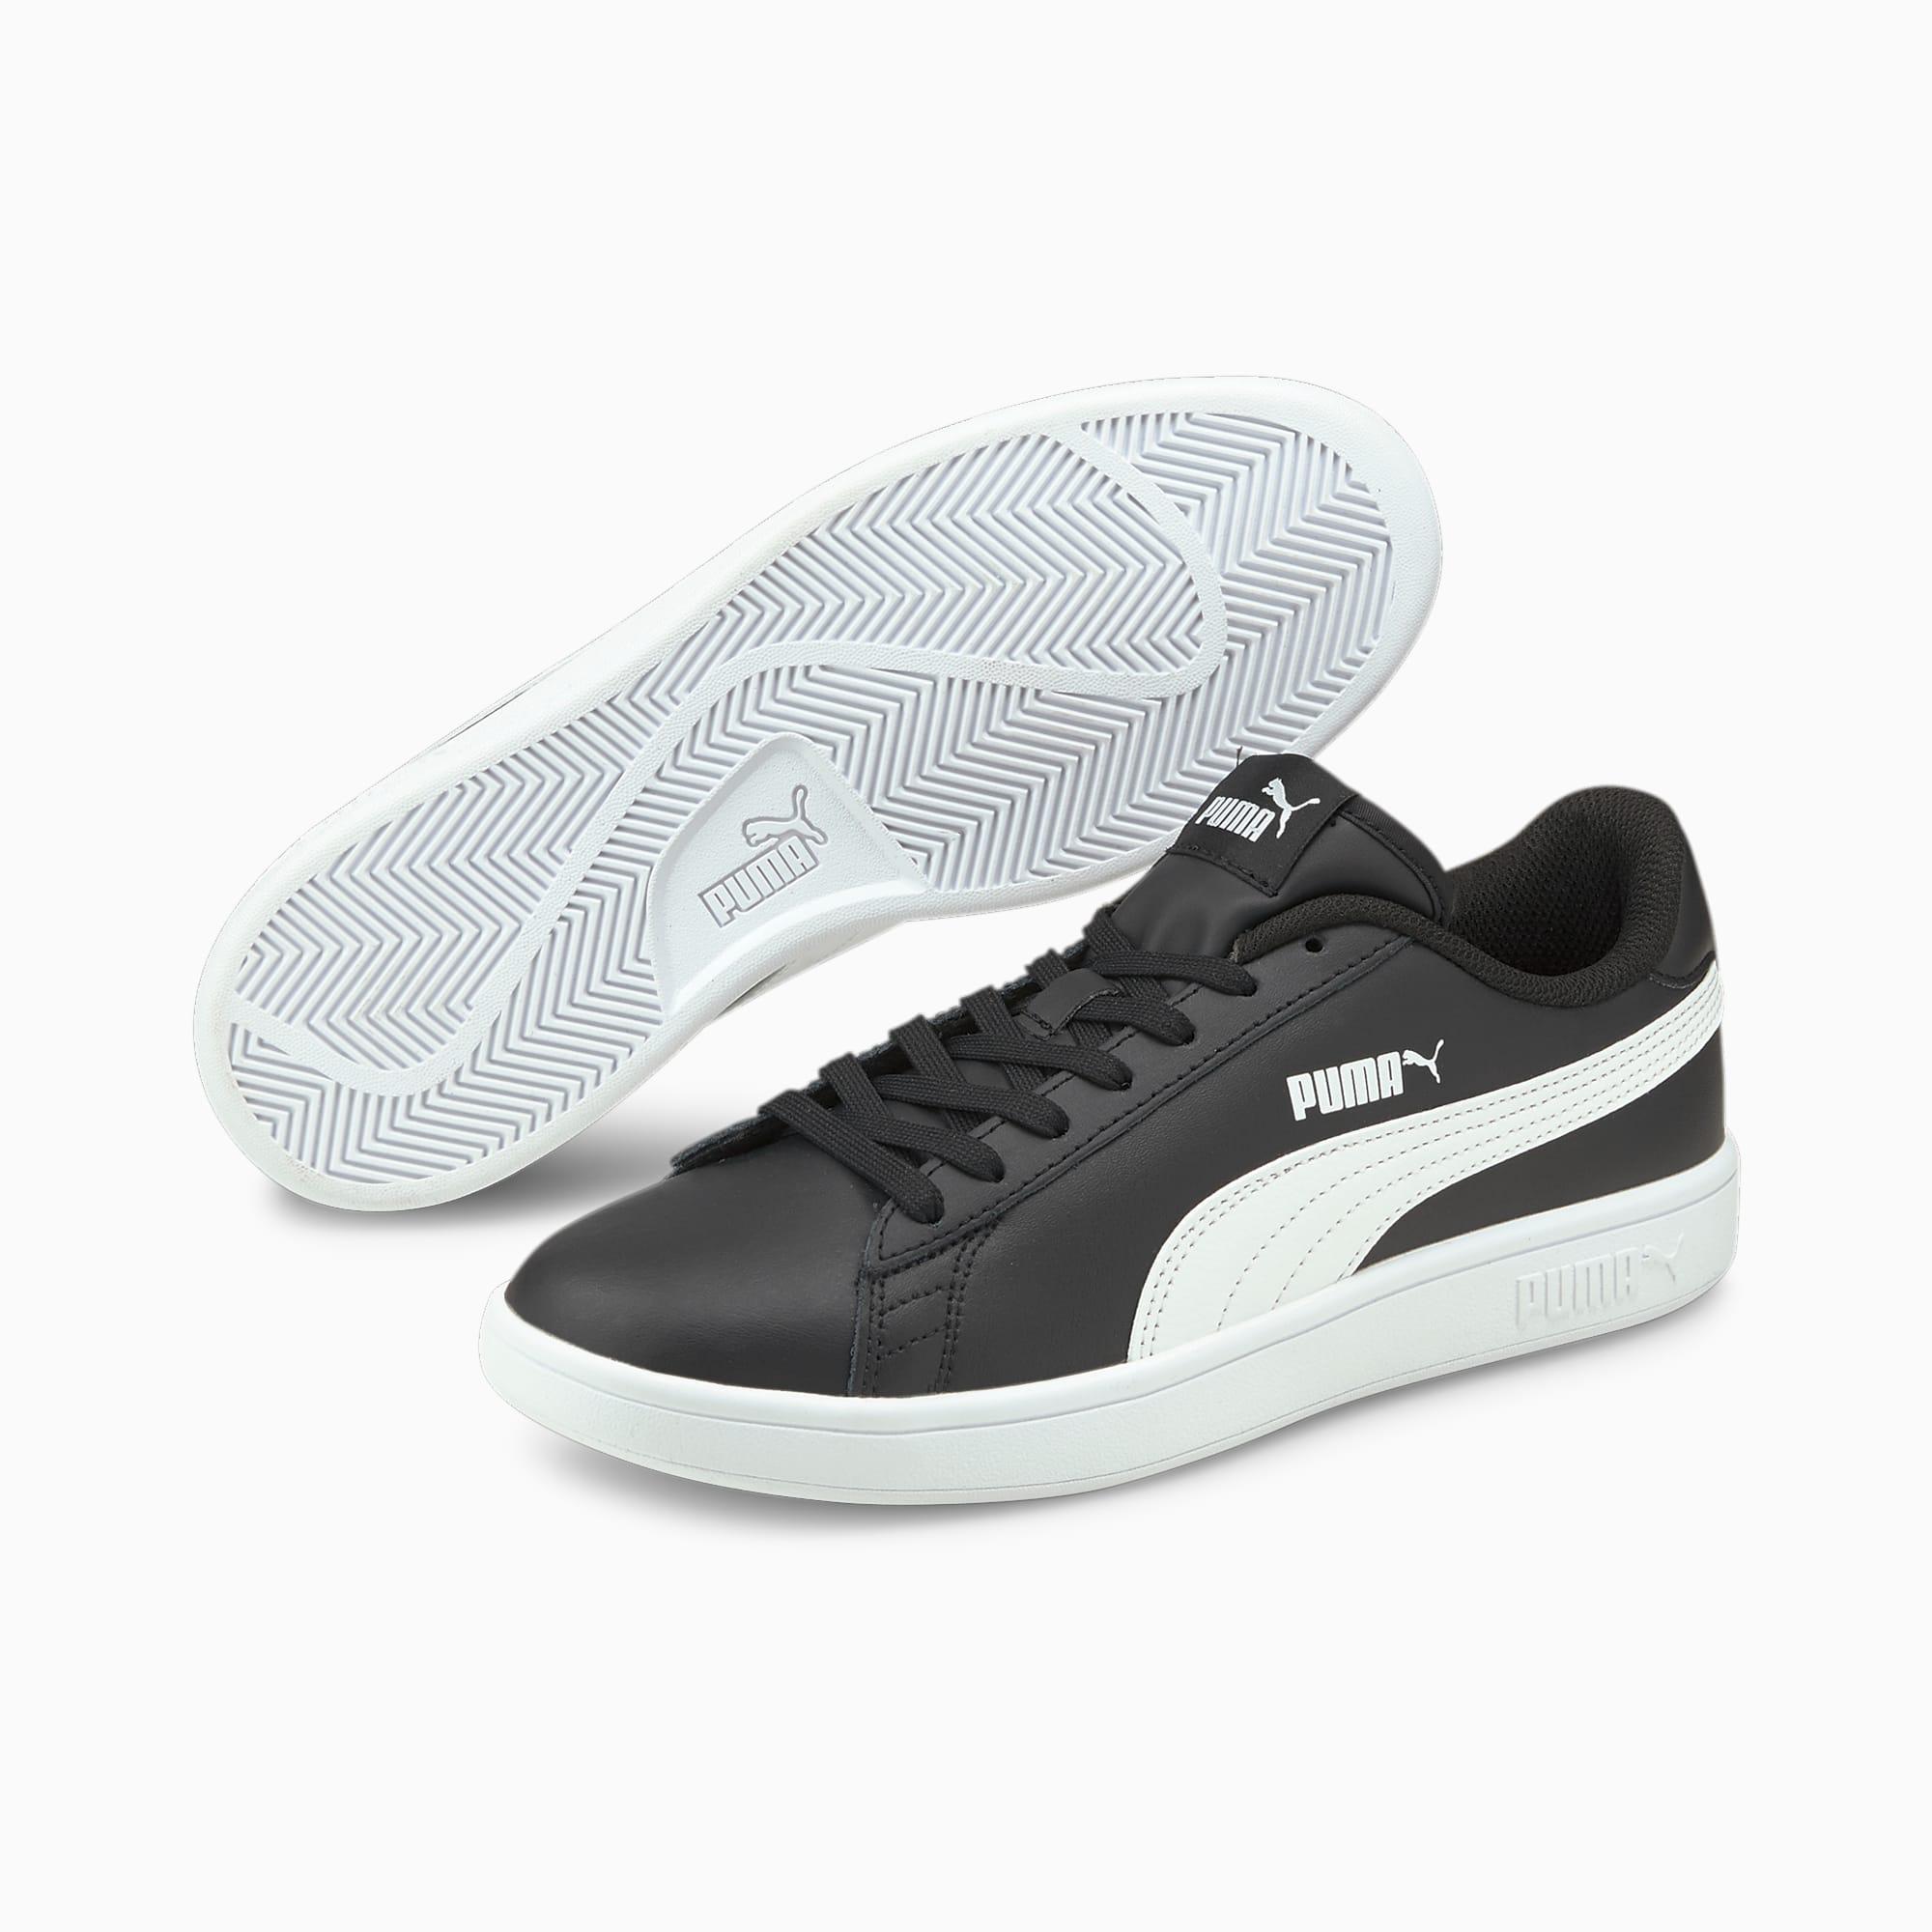 scarpe puma pelle uomo